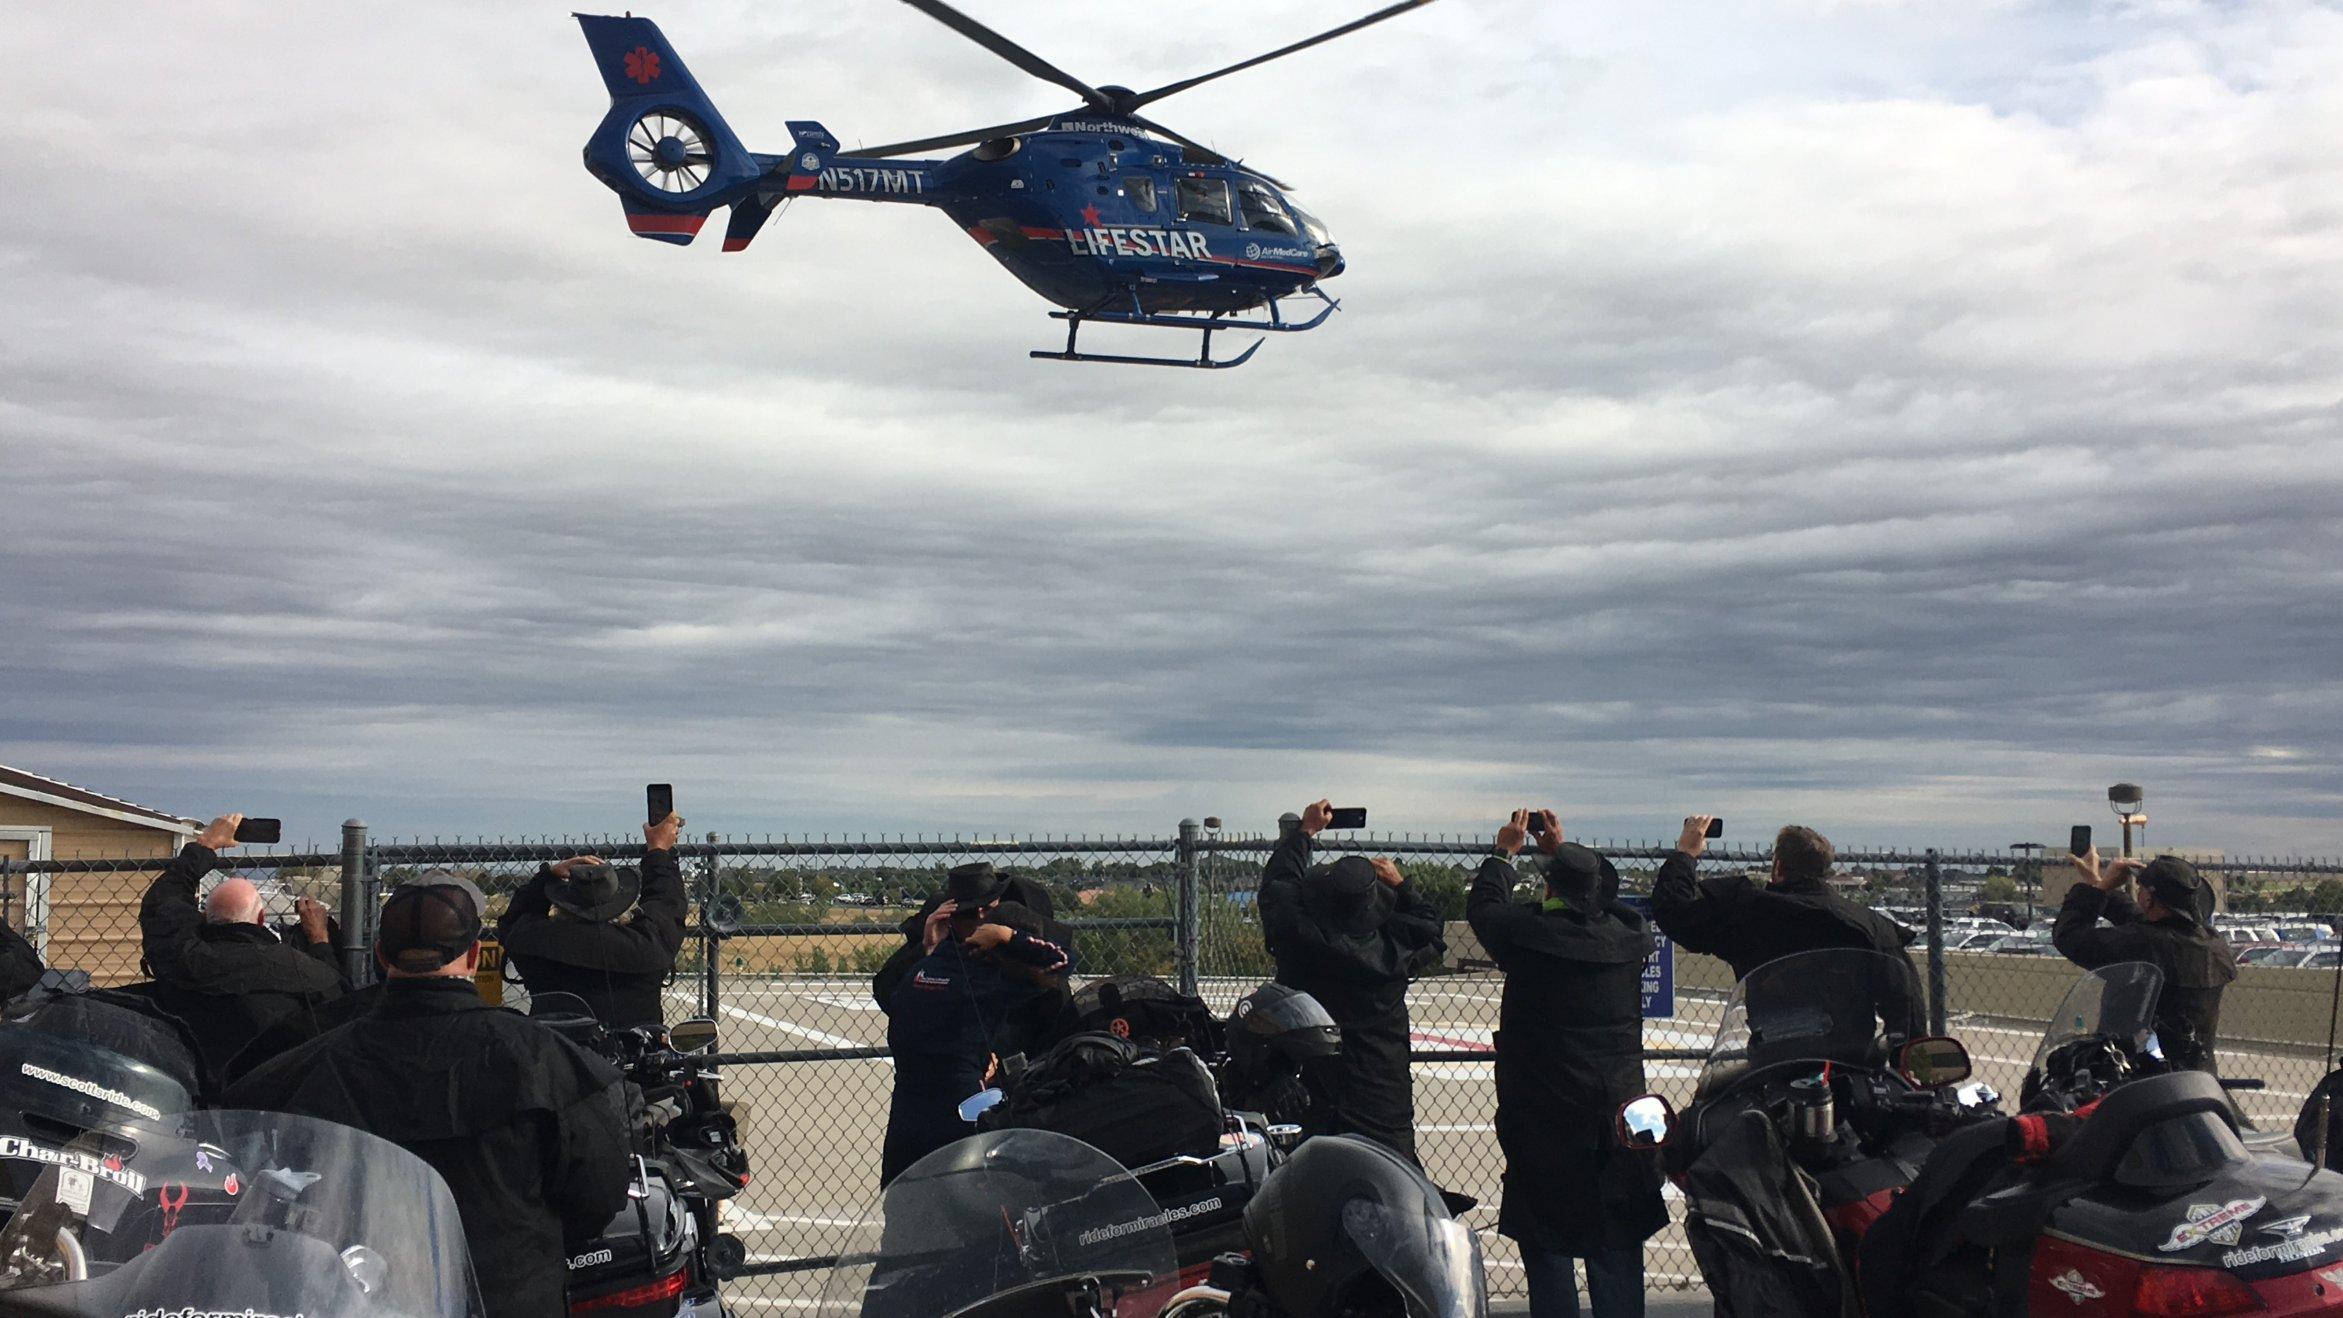 lifestare landing in TX.jpg